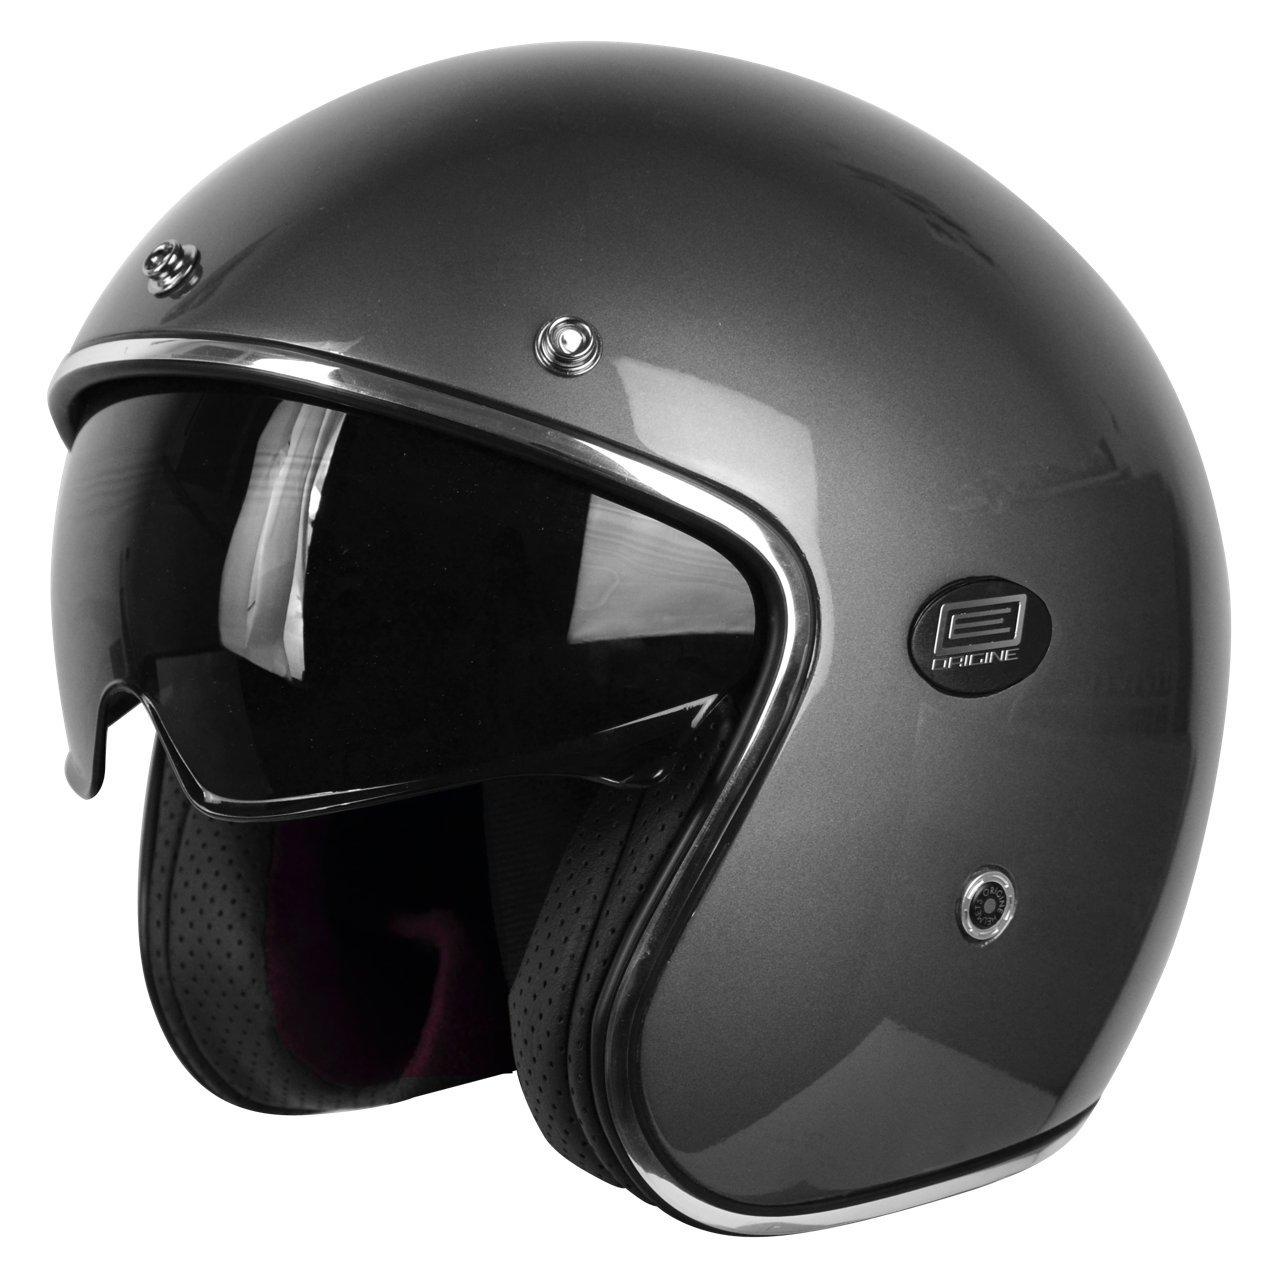 Amazon.es: Origine Helmets 202587013200102 Sirio Solid Gun Casco Jet de fibra de carbono, titanio, XS